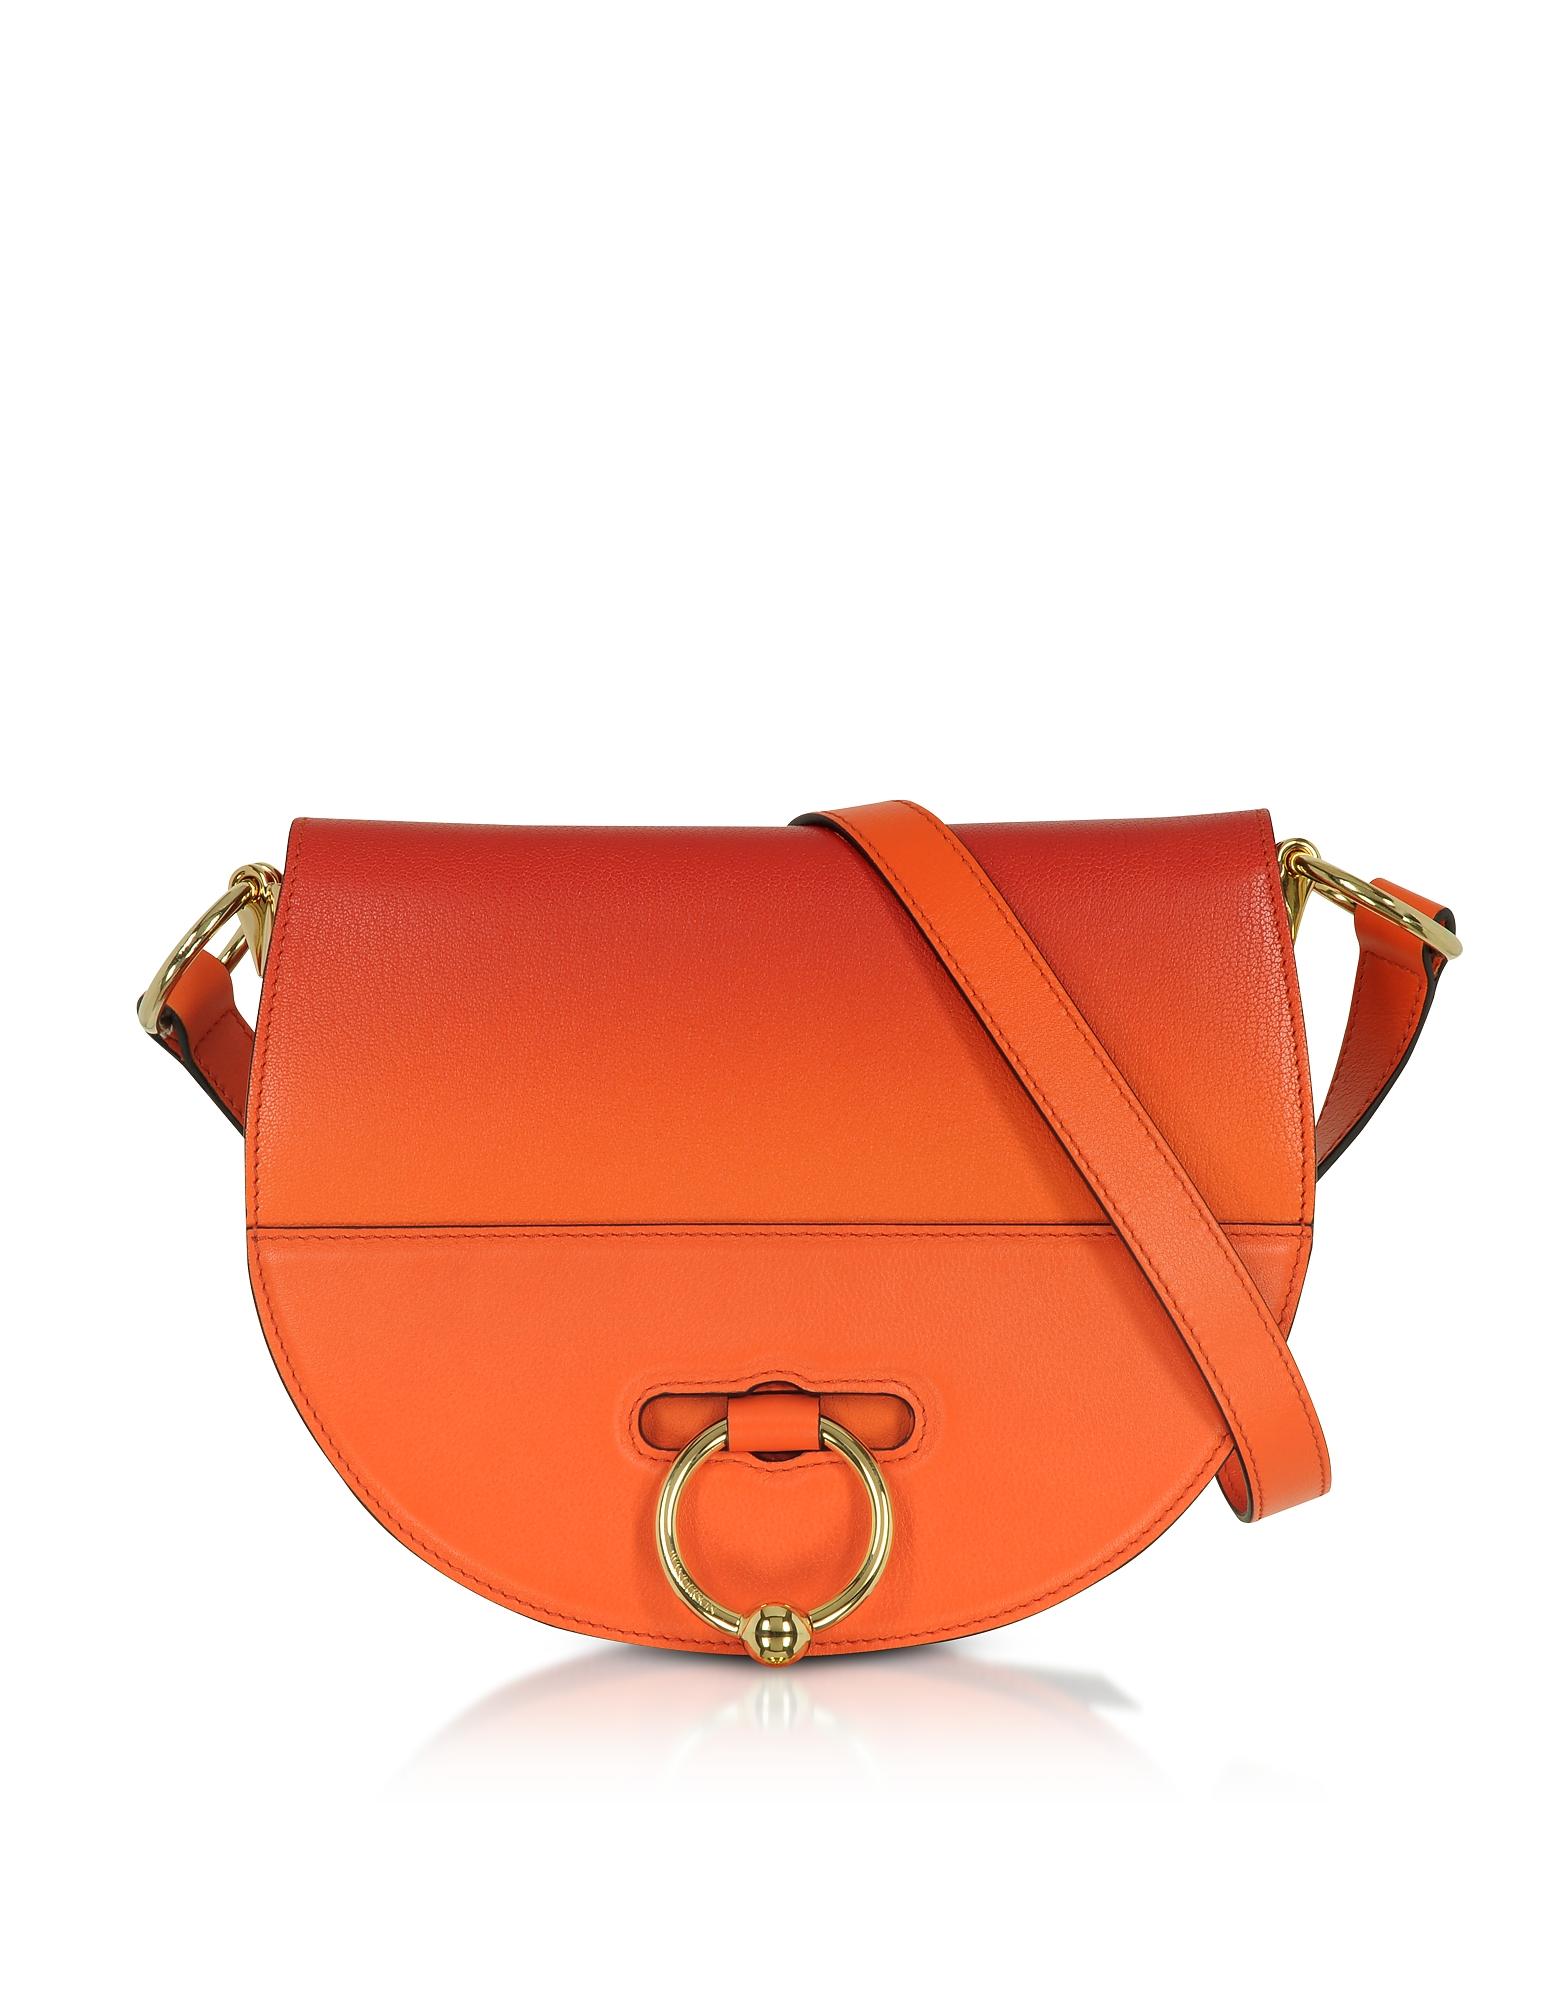 Latch Bag Borsa in Pelle Tangerine con Tracolla